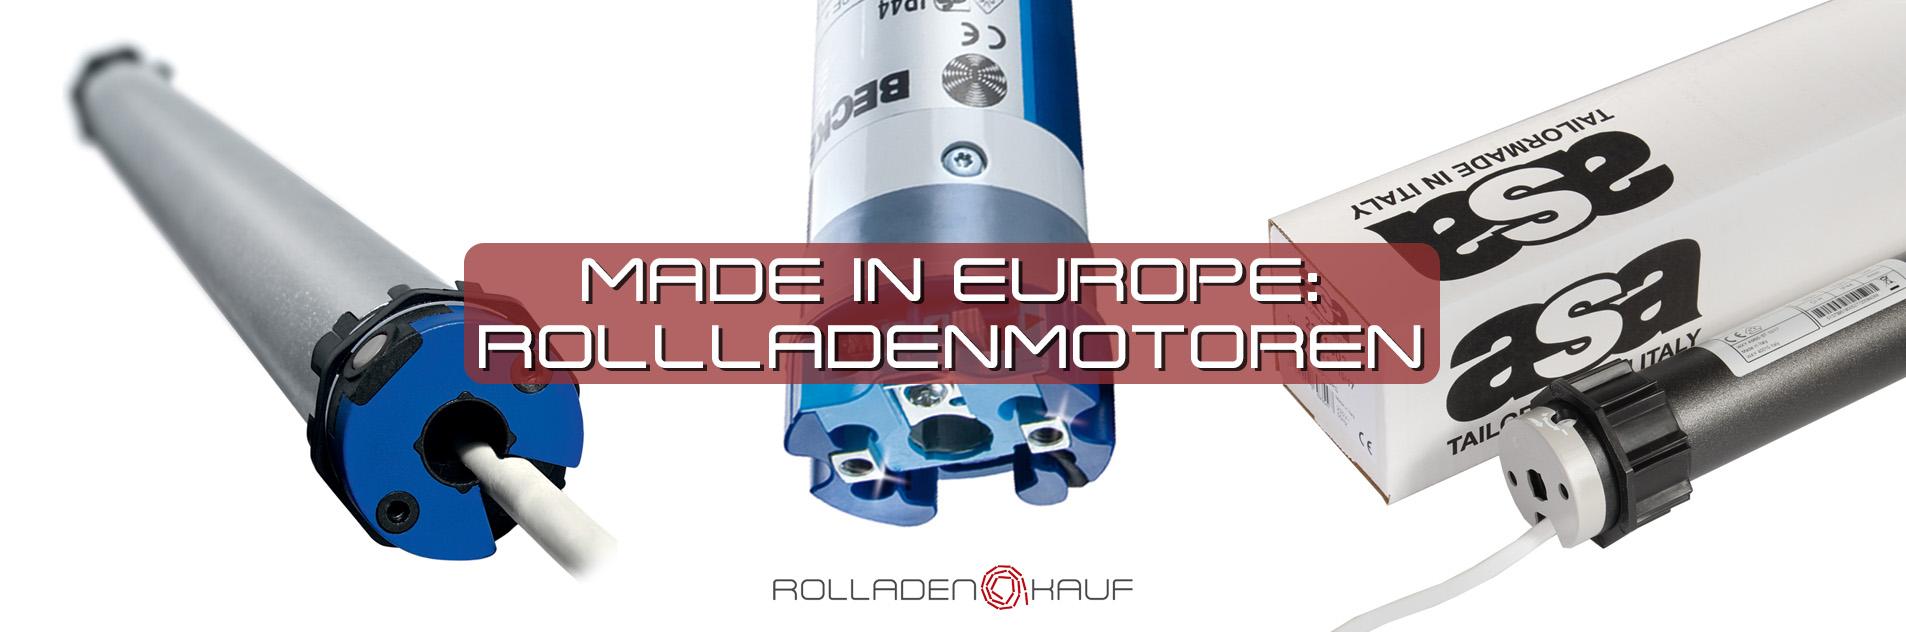 Rollladen Motor